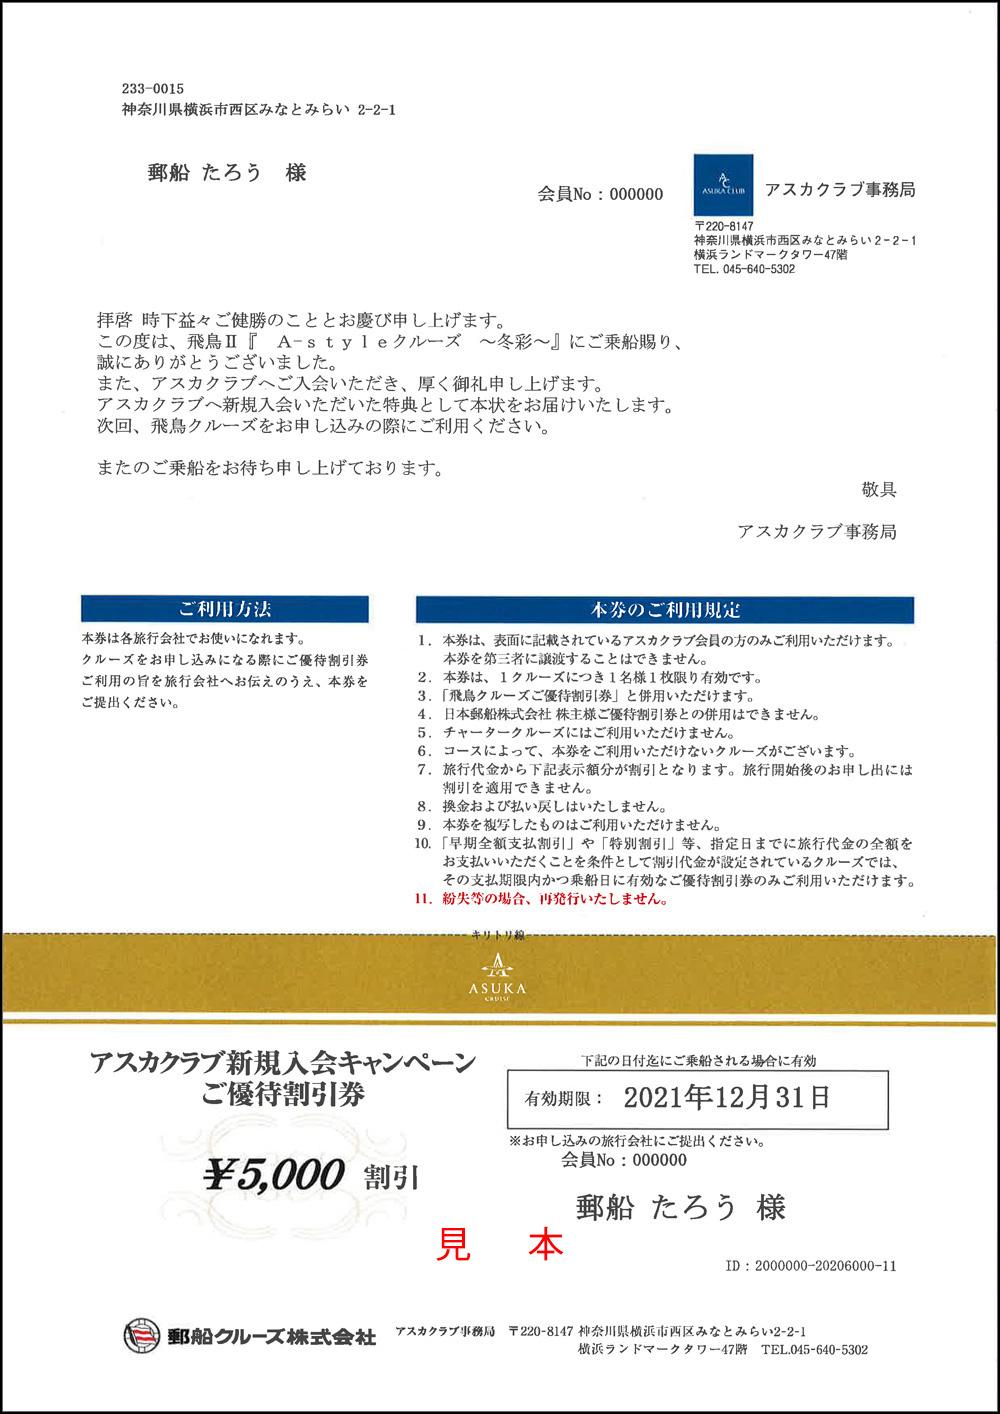 新規入会キャンペーンご優待割引券5,000円